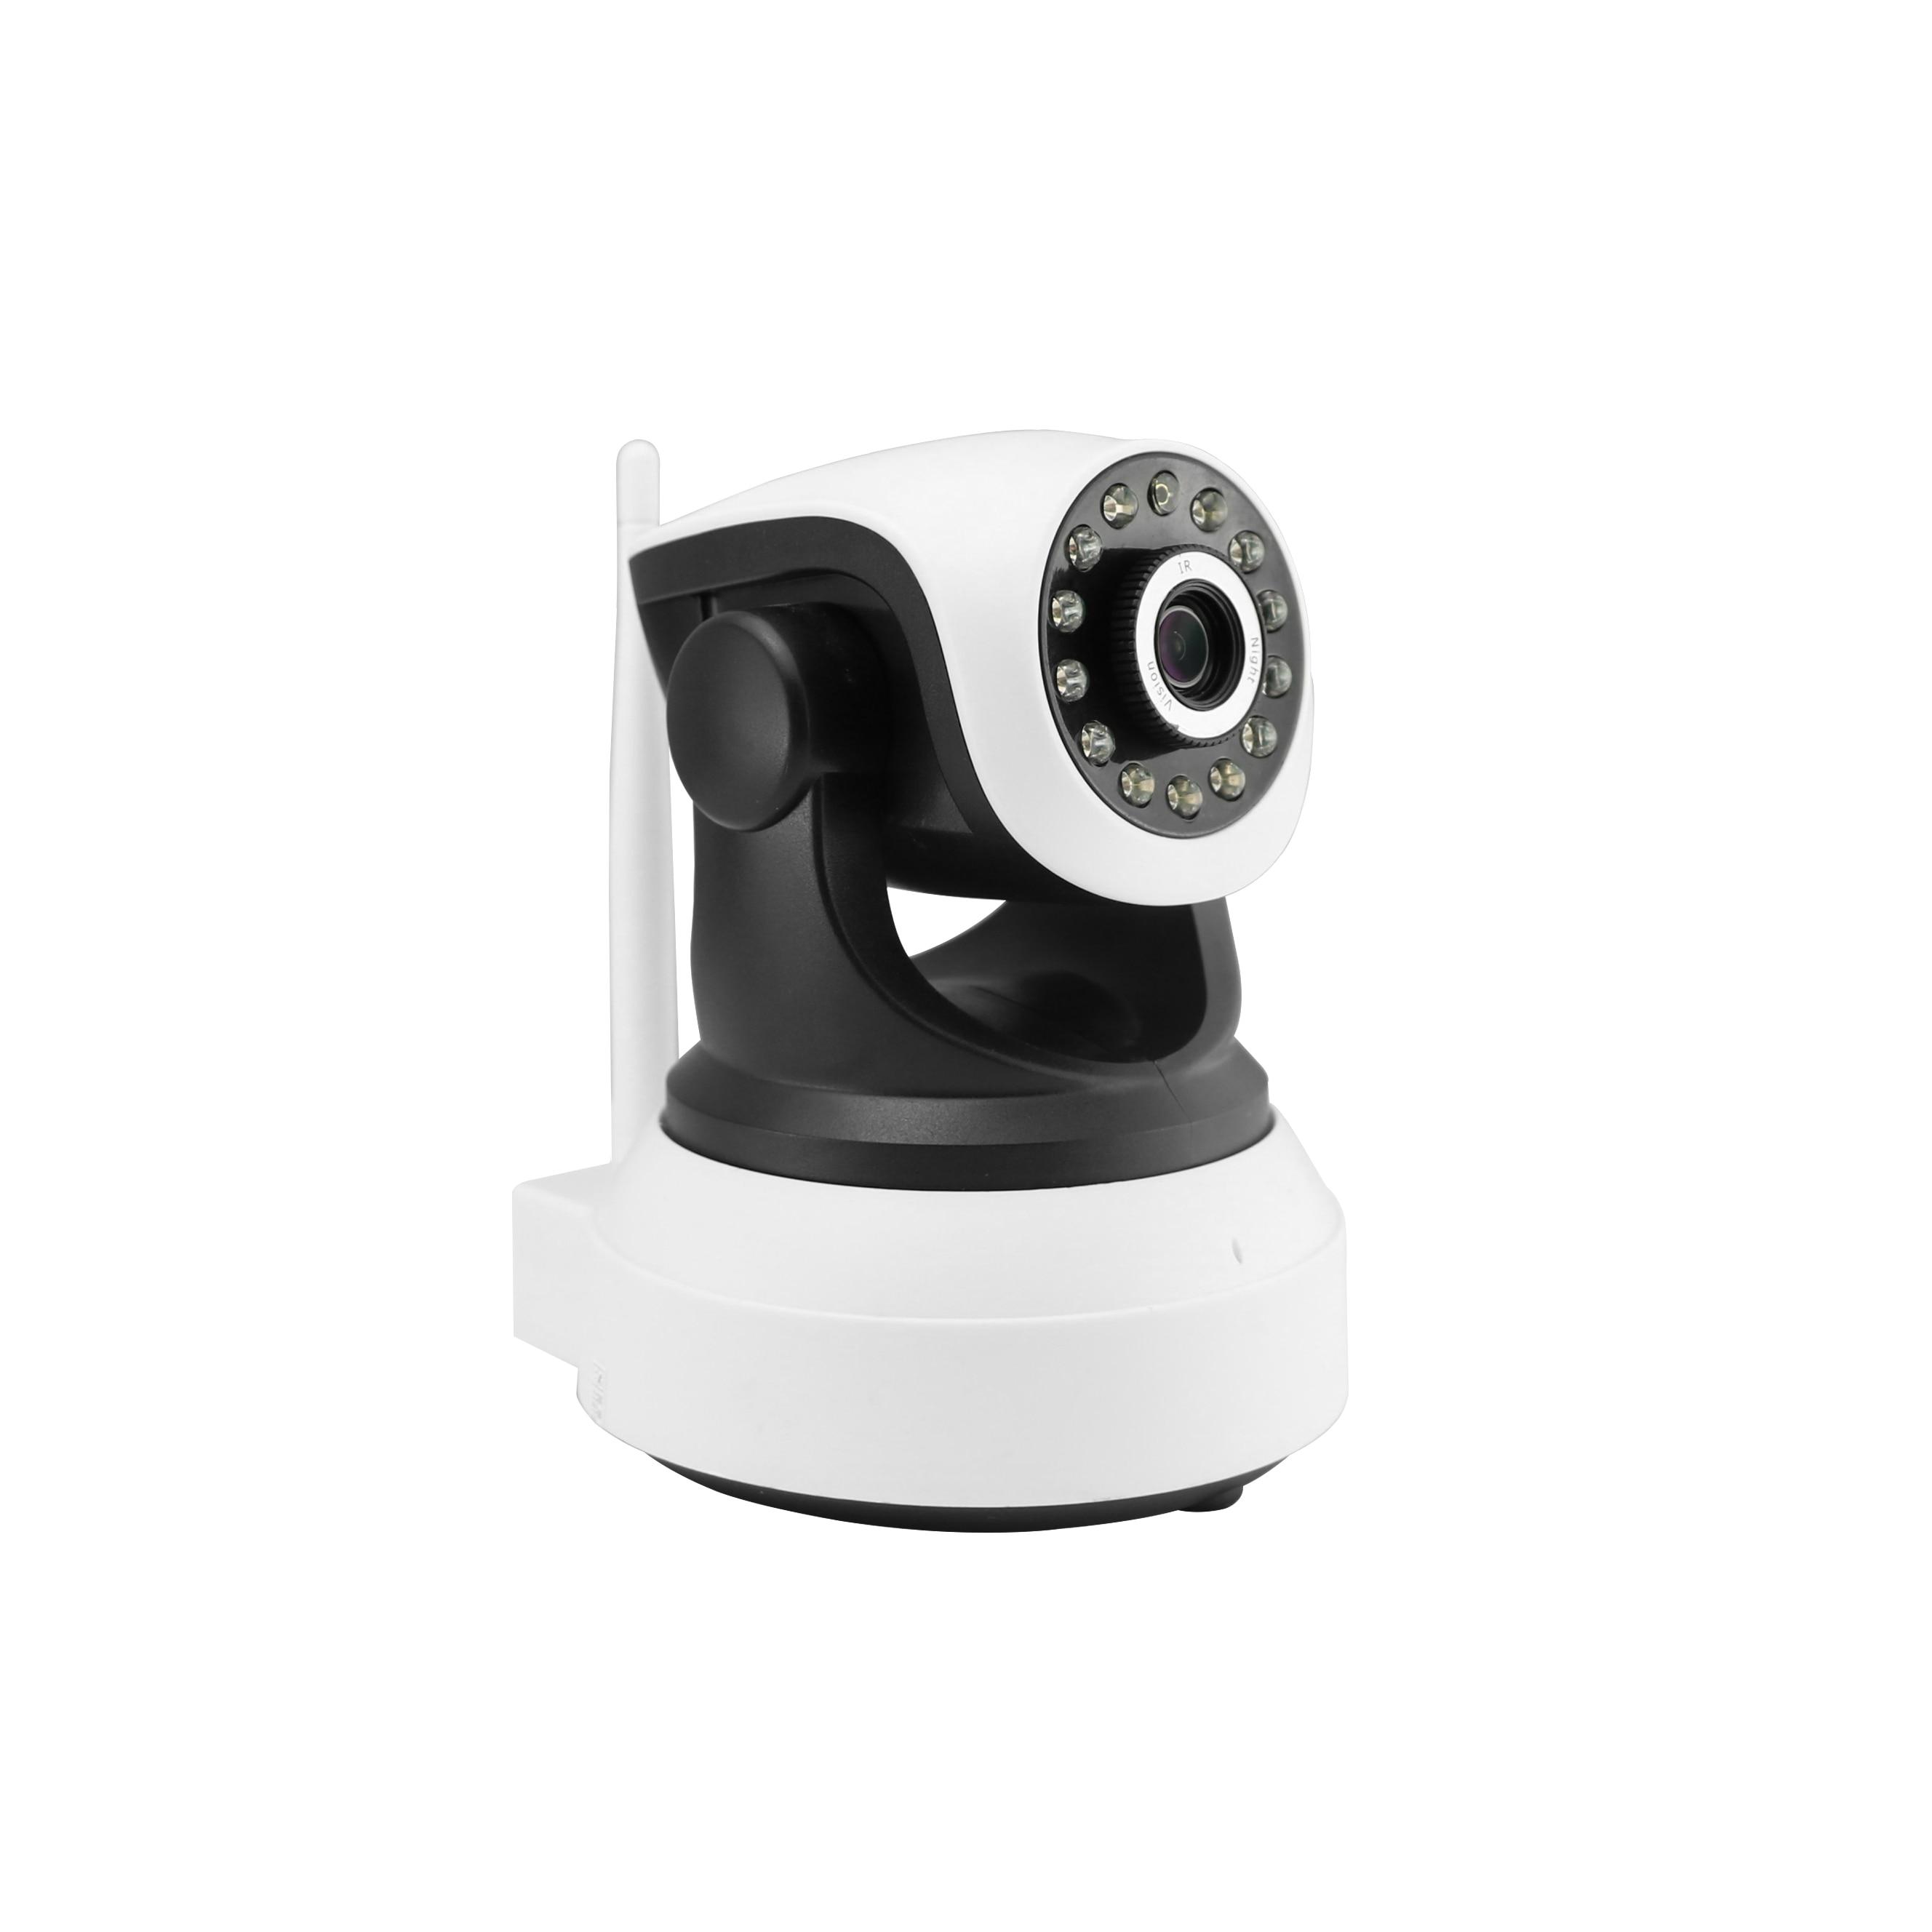 Caméra ip sans fil HD 1080P caméra de surveillance à domicile ptz wifi deux voies audio sd/tf fente pour carte p2p onvif 720P webcam